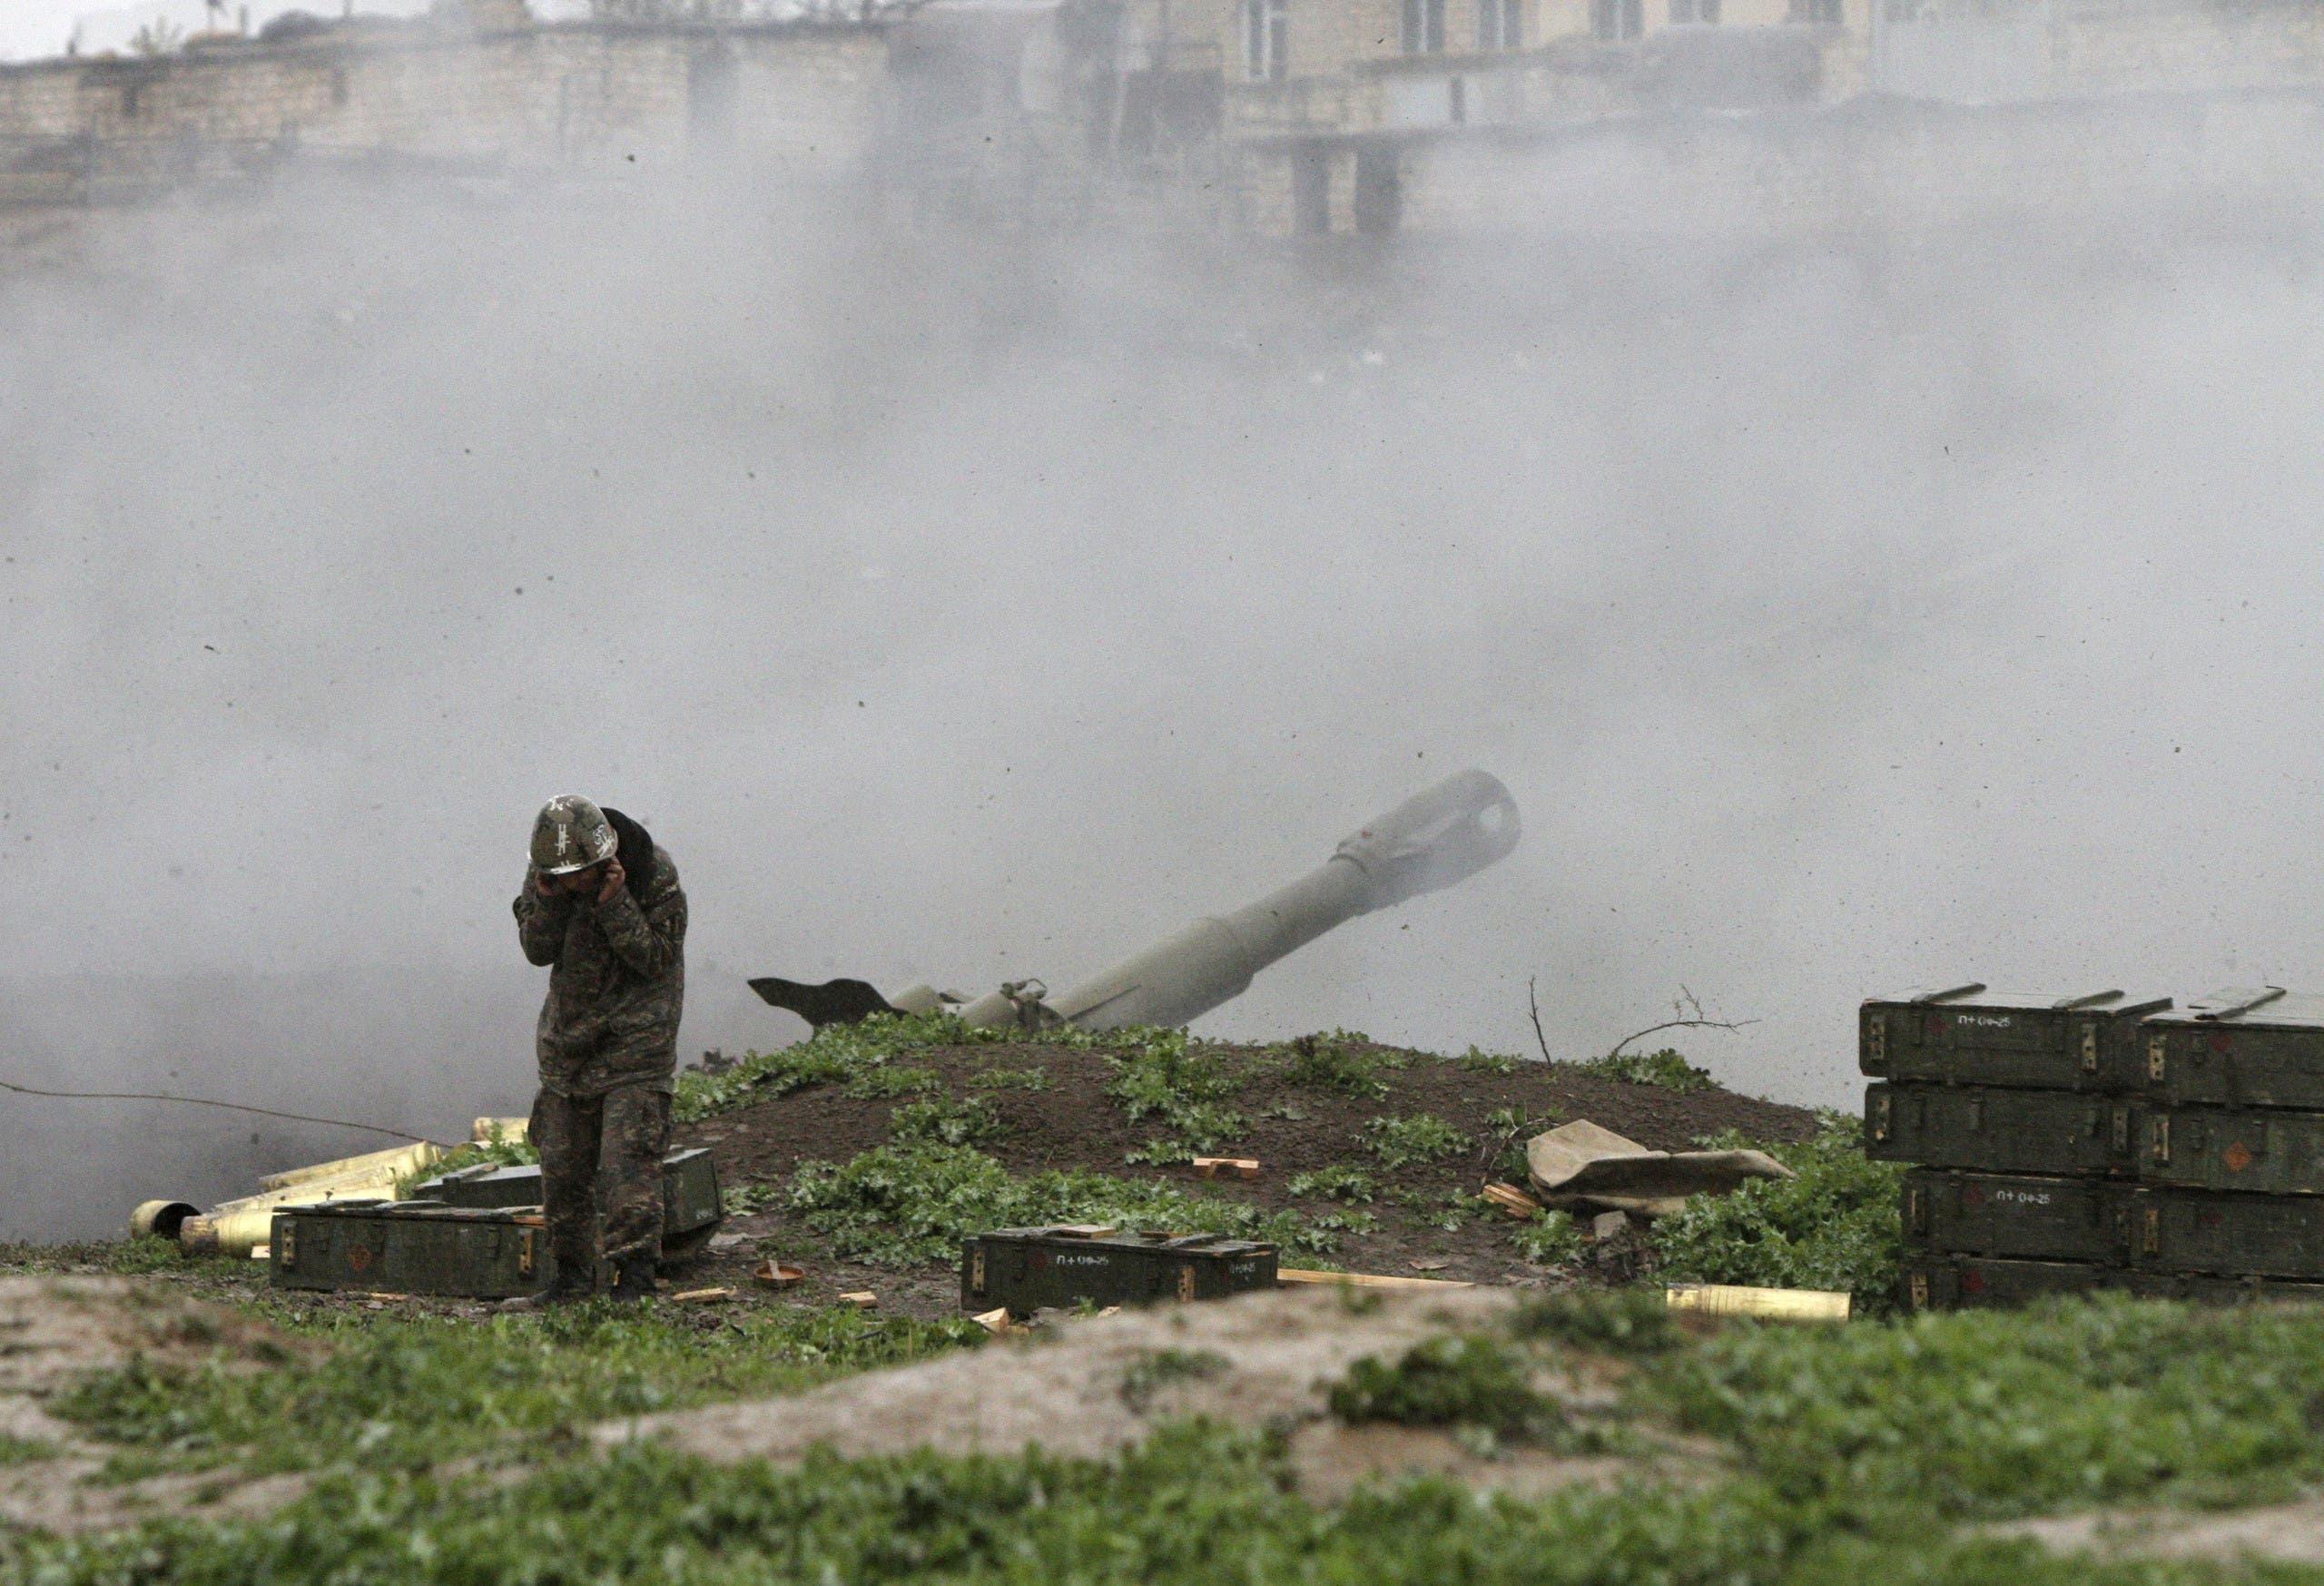 مقاتل أرمني يطلق صاروخا على أذربيجان في ناغورنو كاراباخ